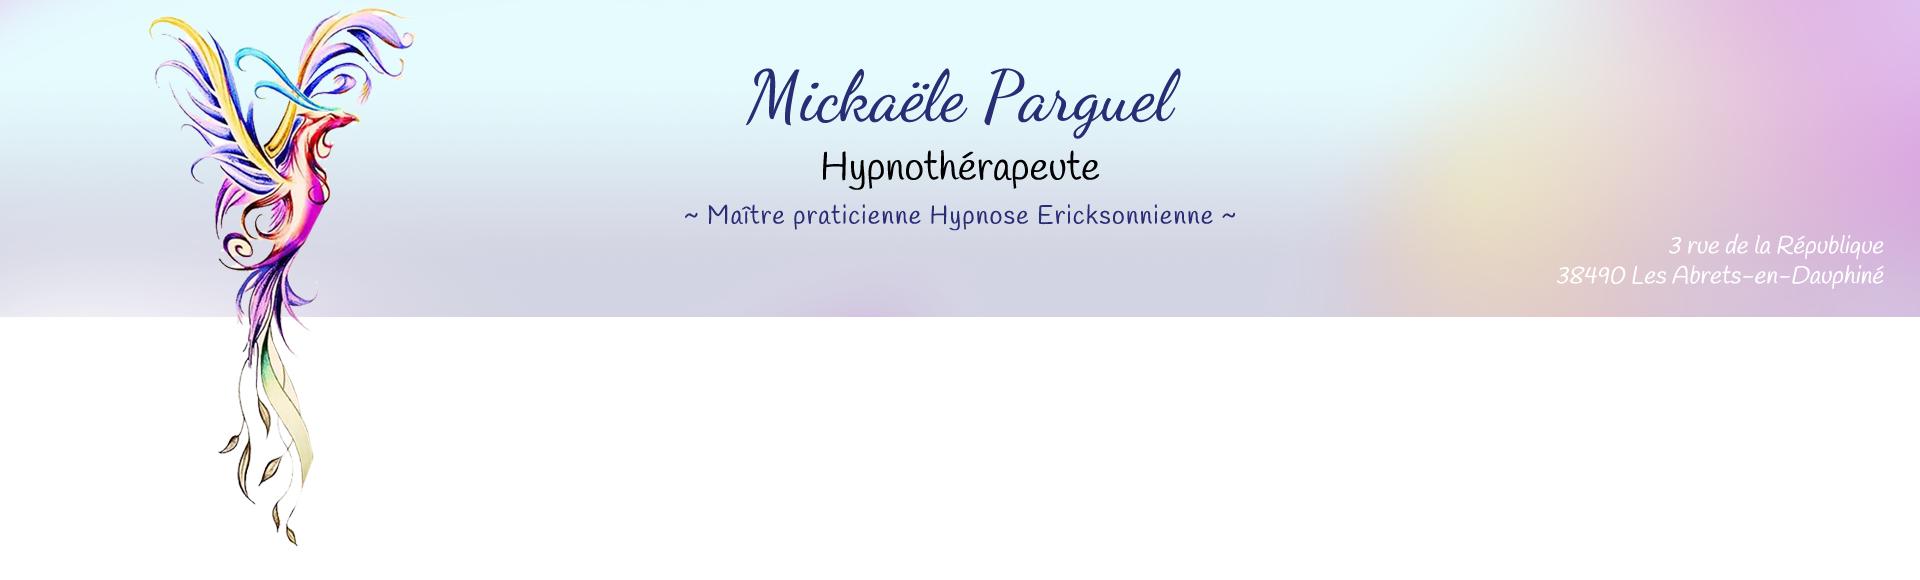 Mickaële Parguel - Hypnothérapeute aux Abrets-en-Dauphiné - En-tête du site